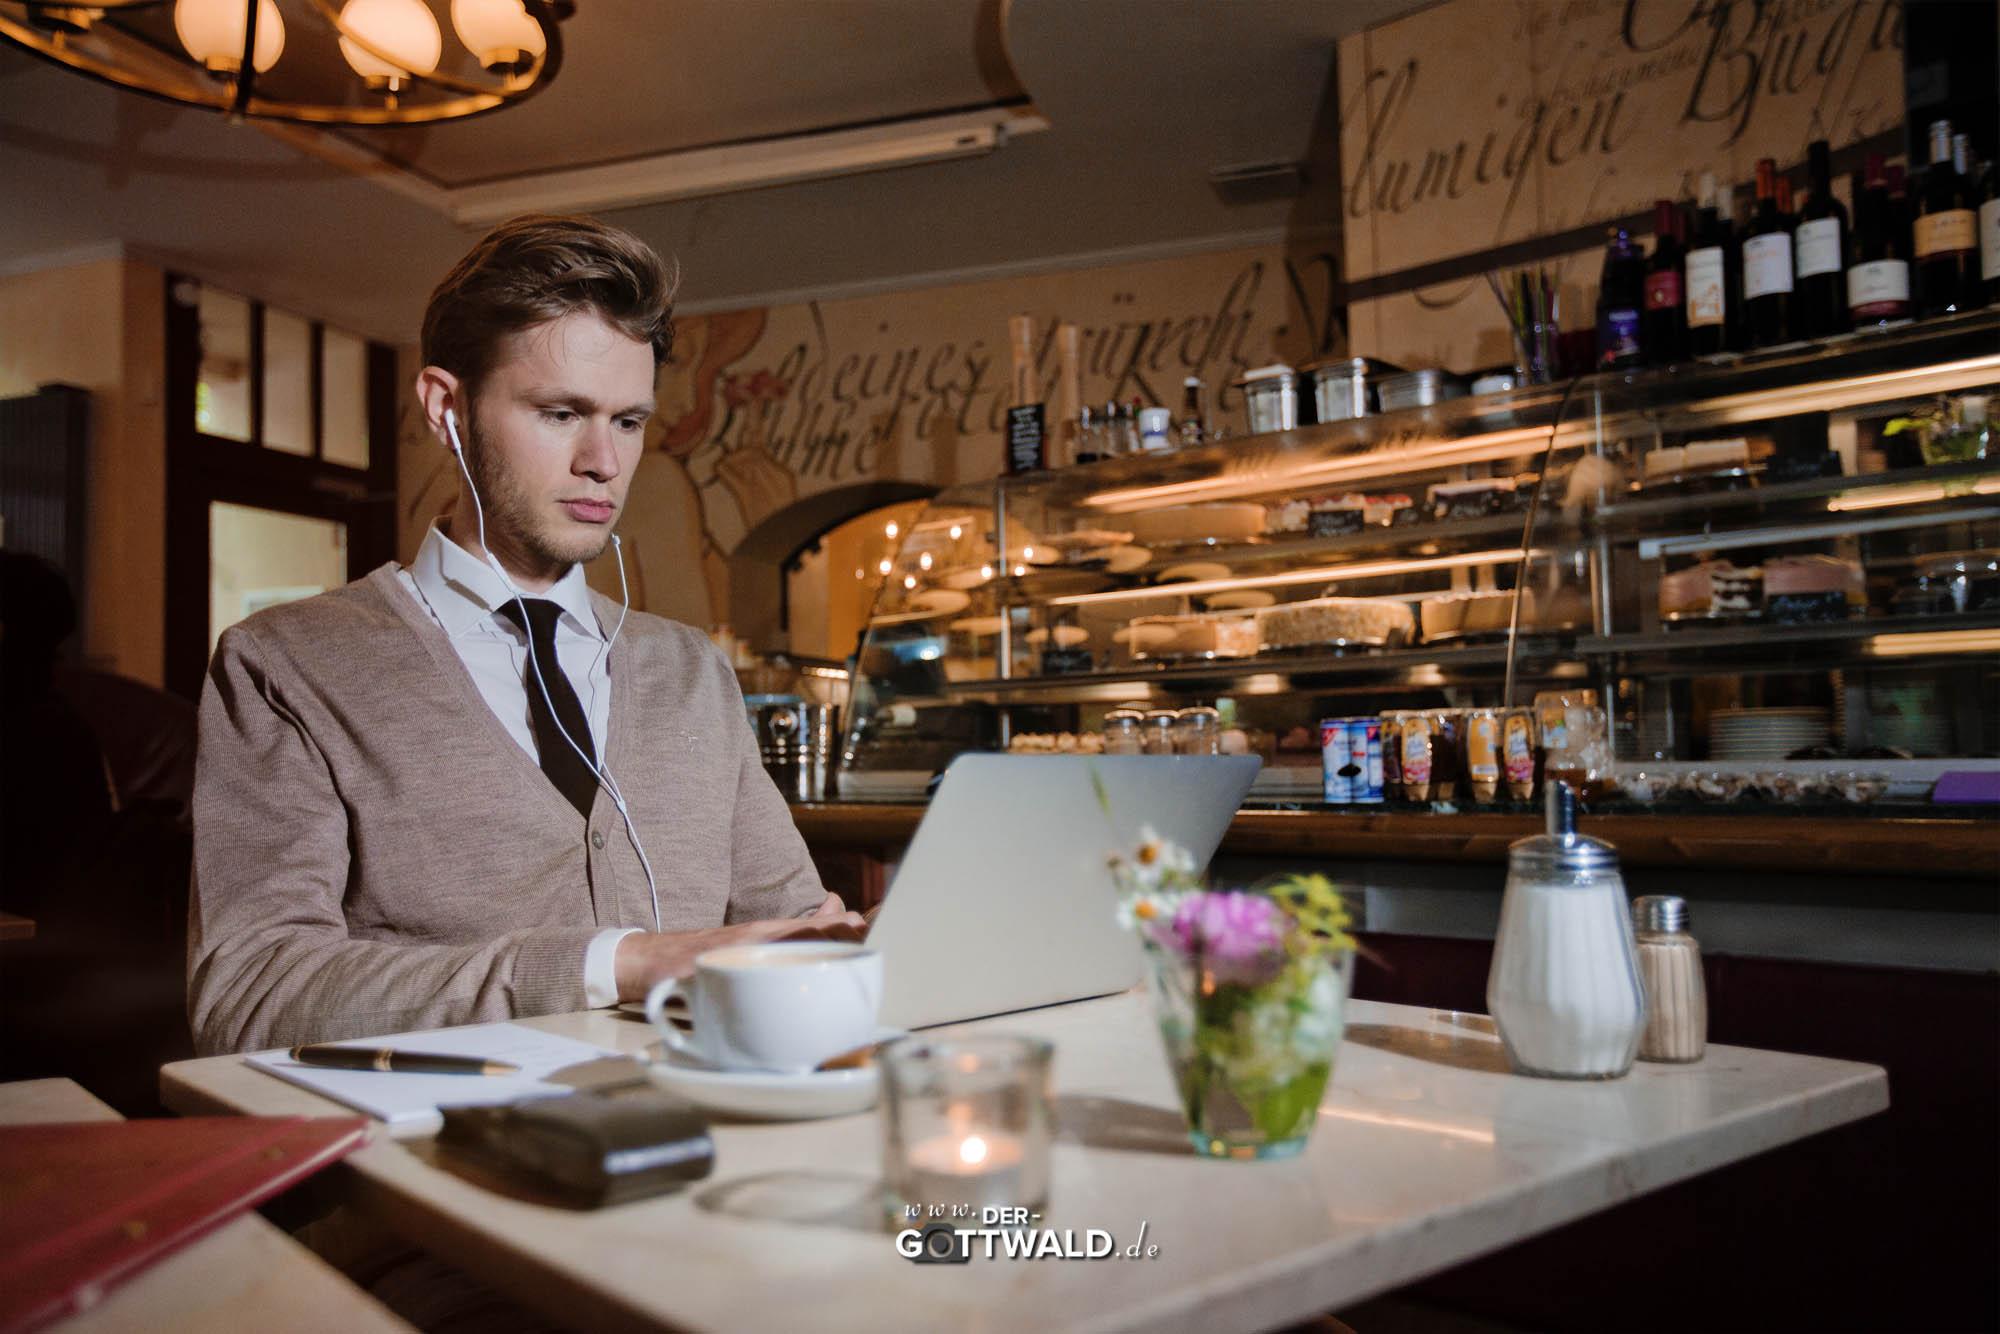 der-gottwaldDE - Business-Portrait 30.jpg